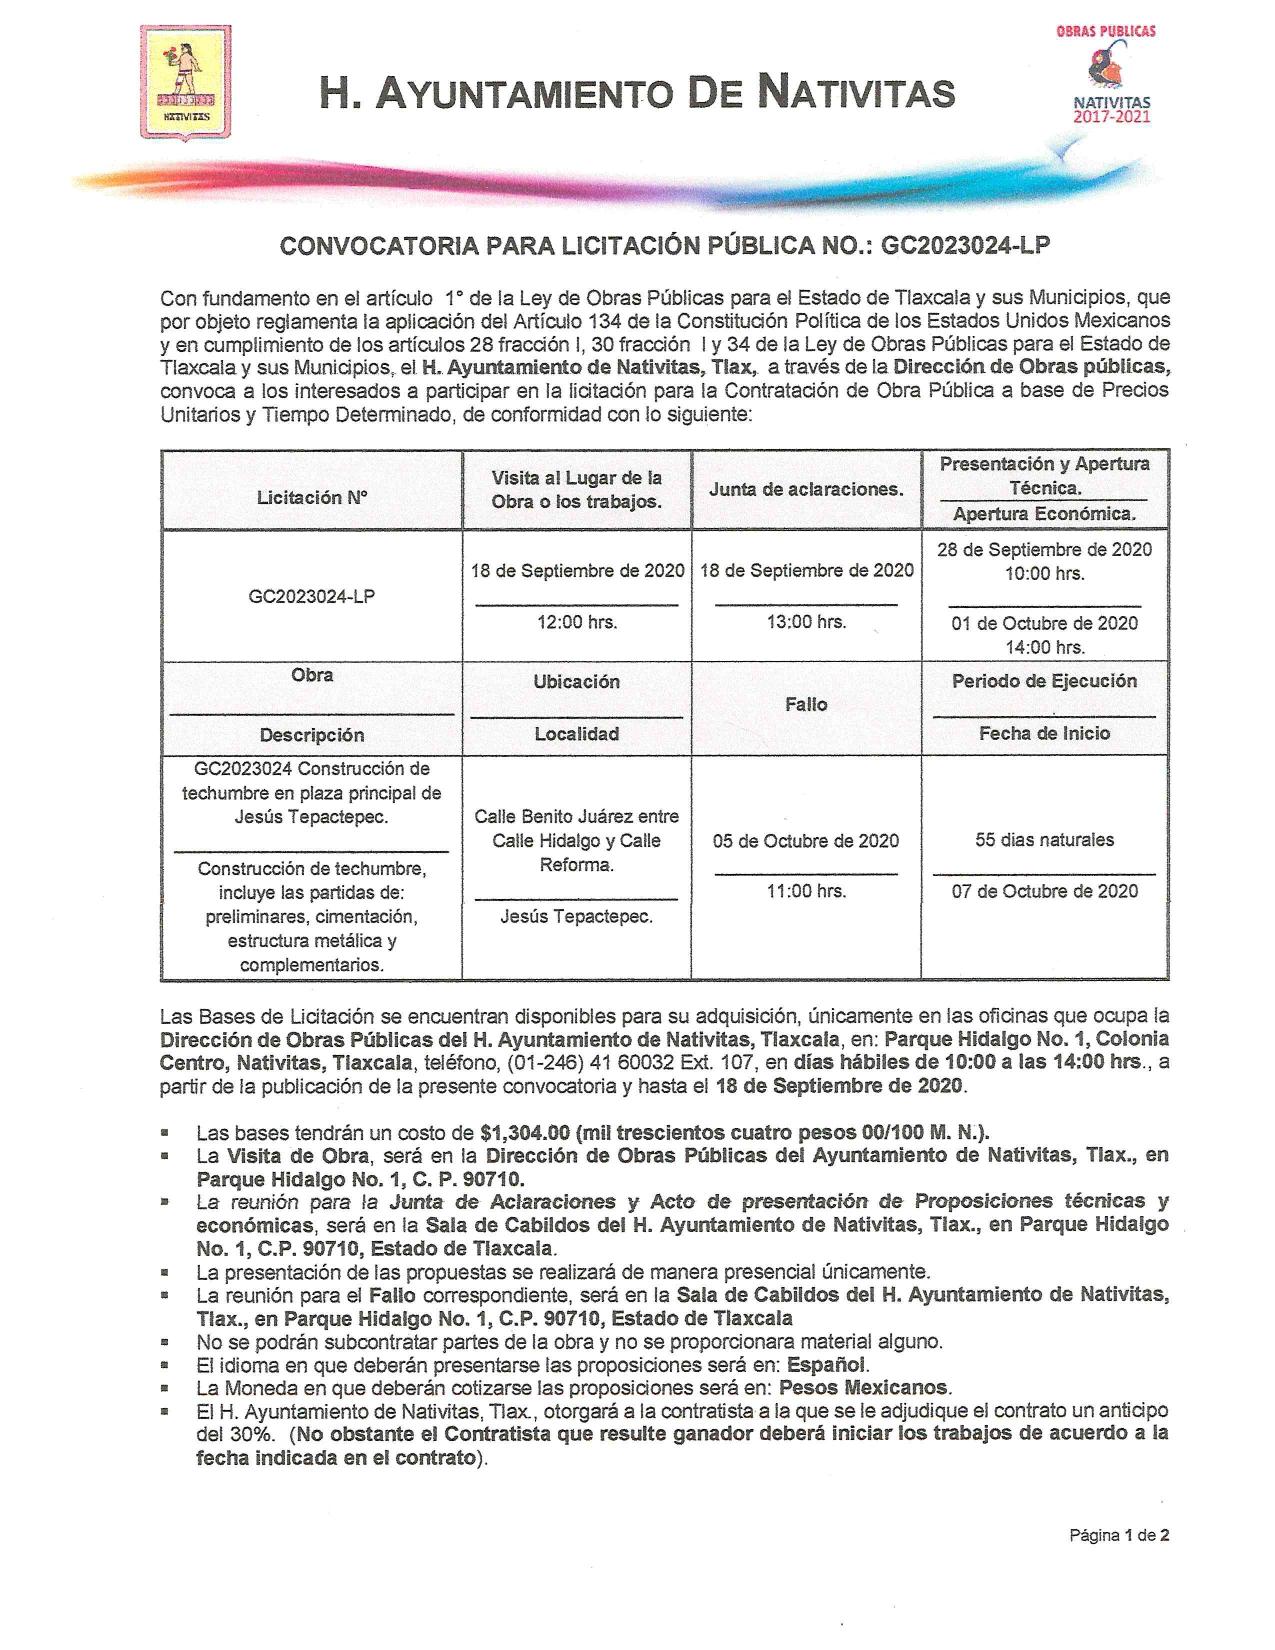 Ayuntamiento de Nativitas publica licitación de obra pública